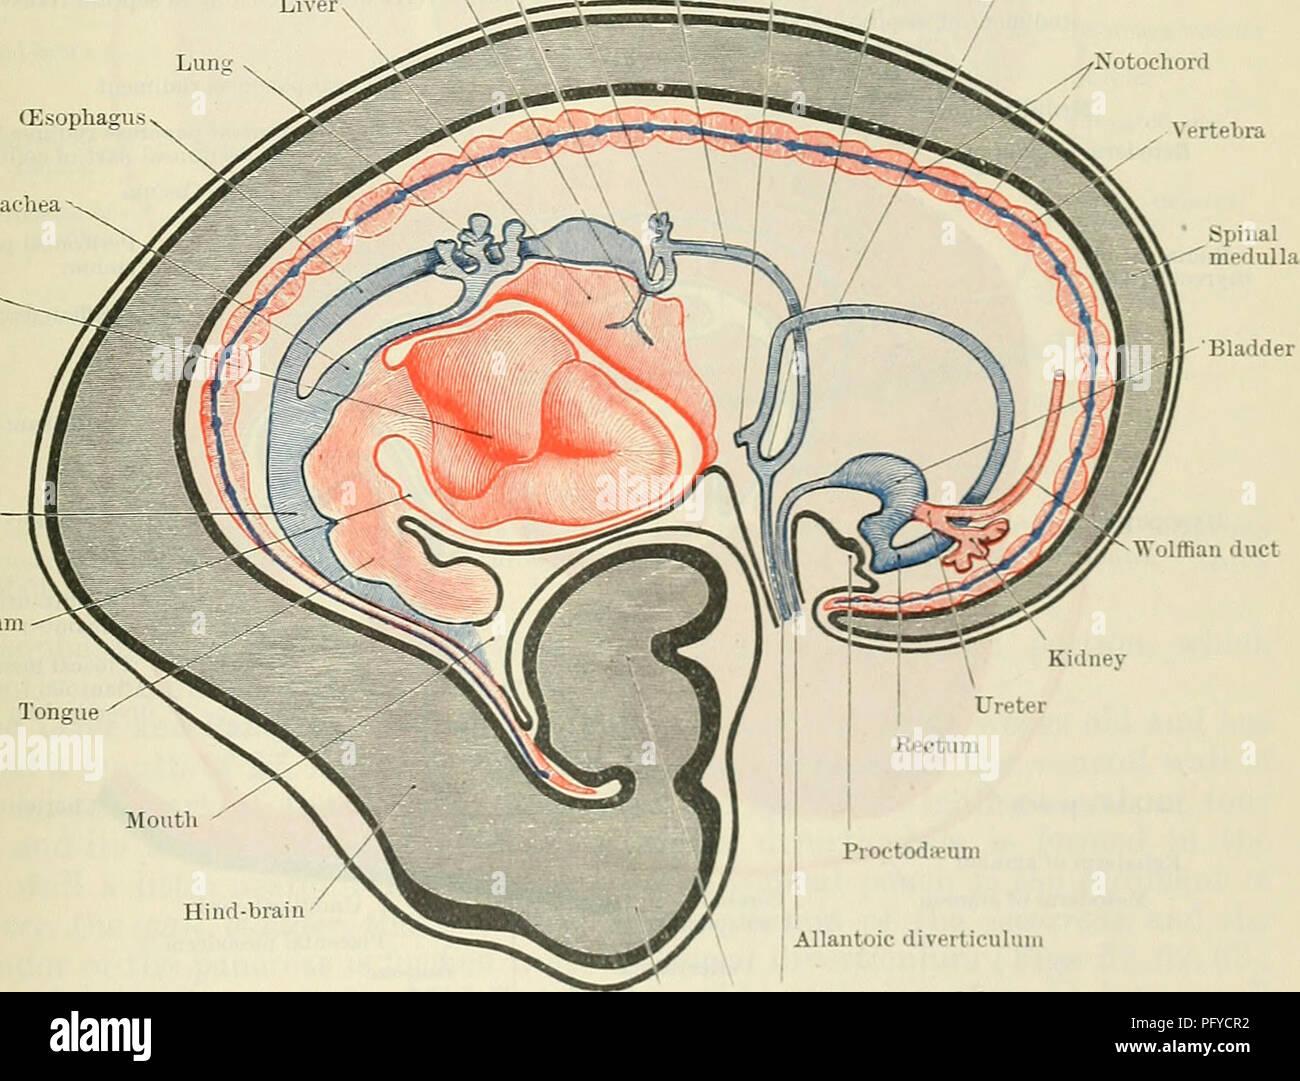 Cunninghams Lehrbuch der Anatomie. Anatomie. Abb. 59. - Blick auf ...